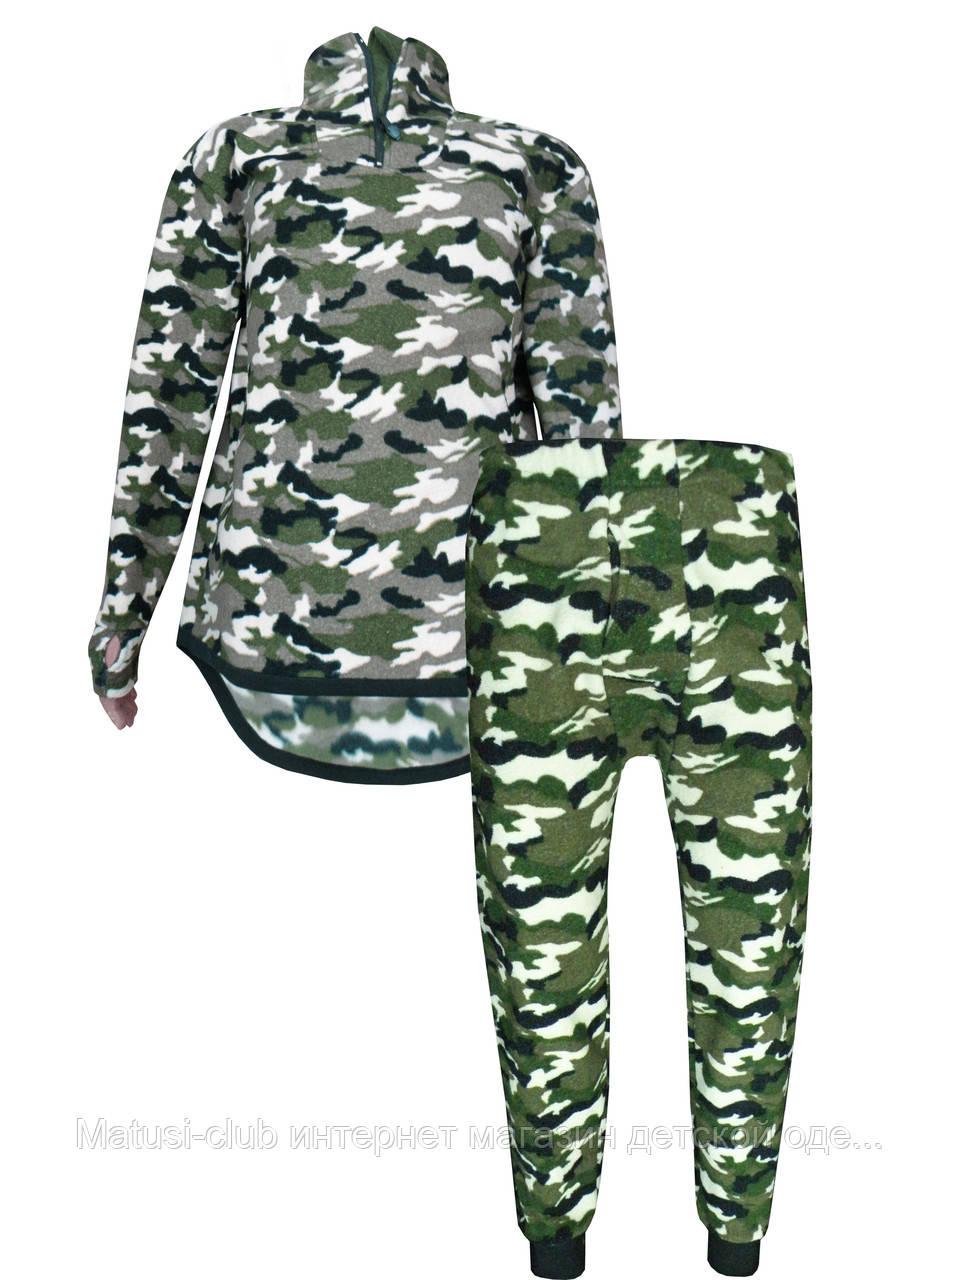 Теплое нательное белье мужское флис  188KAY-комплект +ширинка,в наличии камуфляж 180-190 рост - Matusi-club интернет магазин детской одежды в Киеве